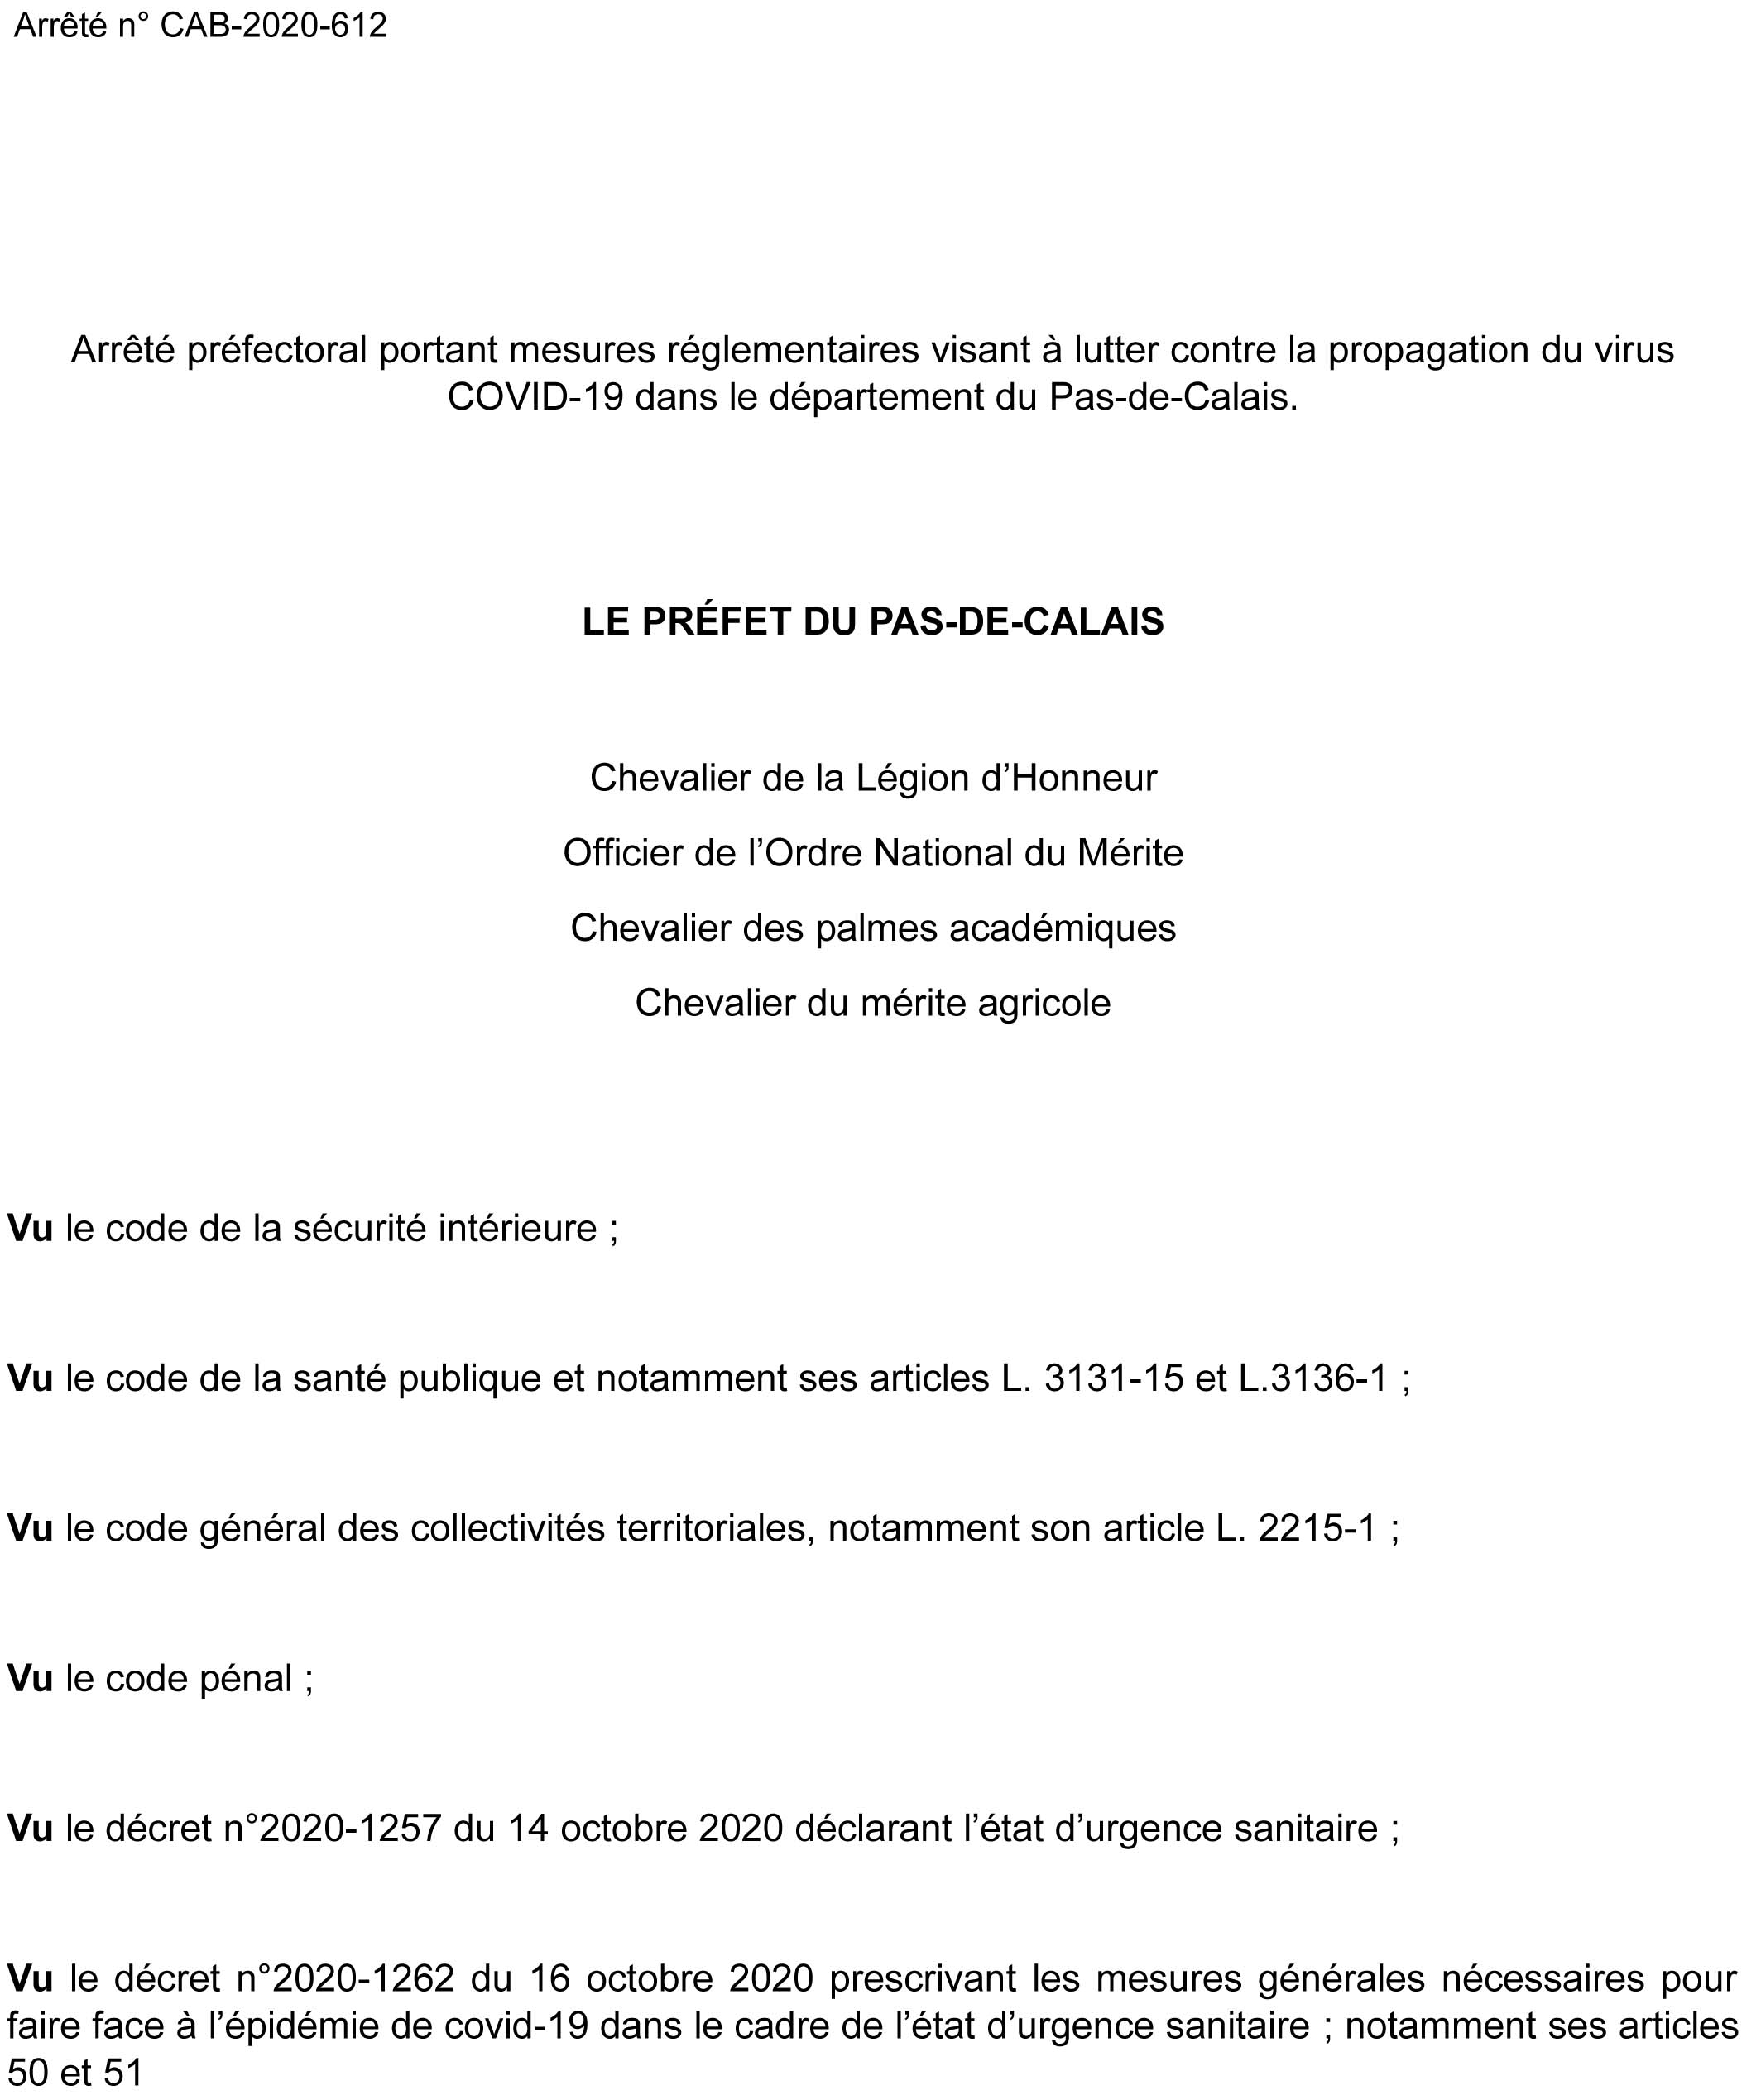 Arrete_prefectoral_du_24_octobre_2020-3